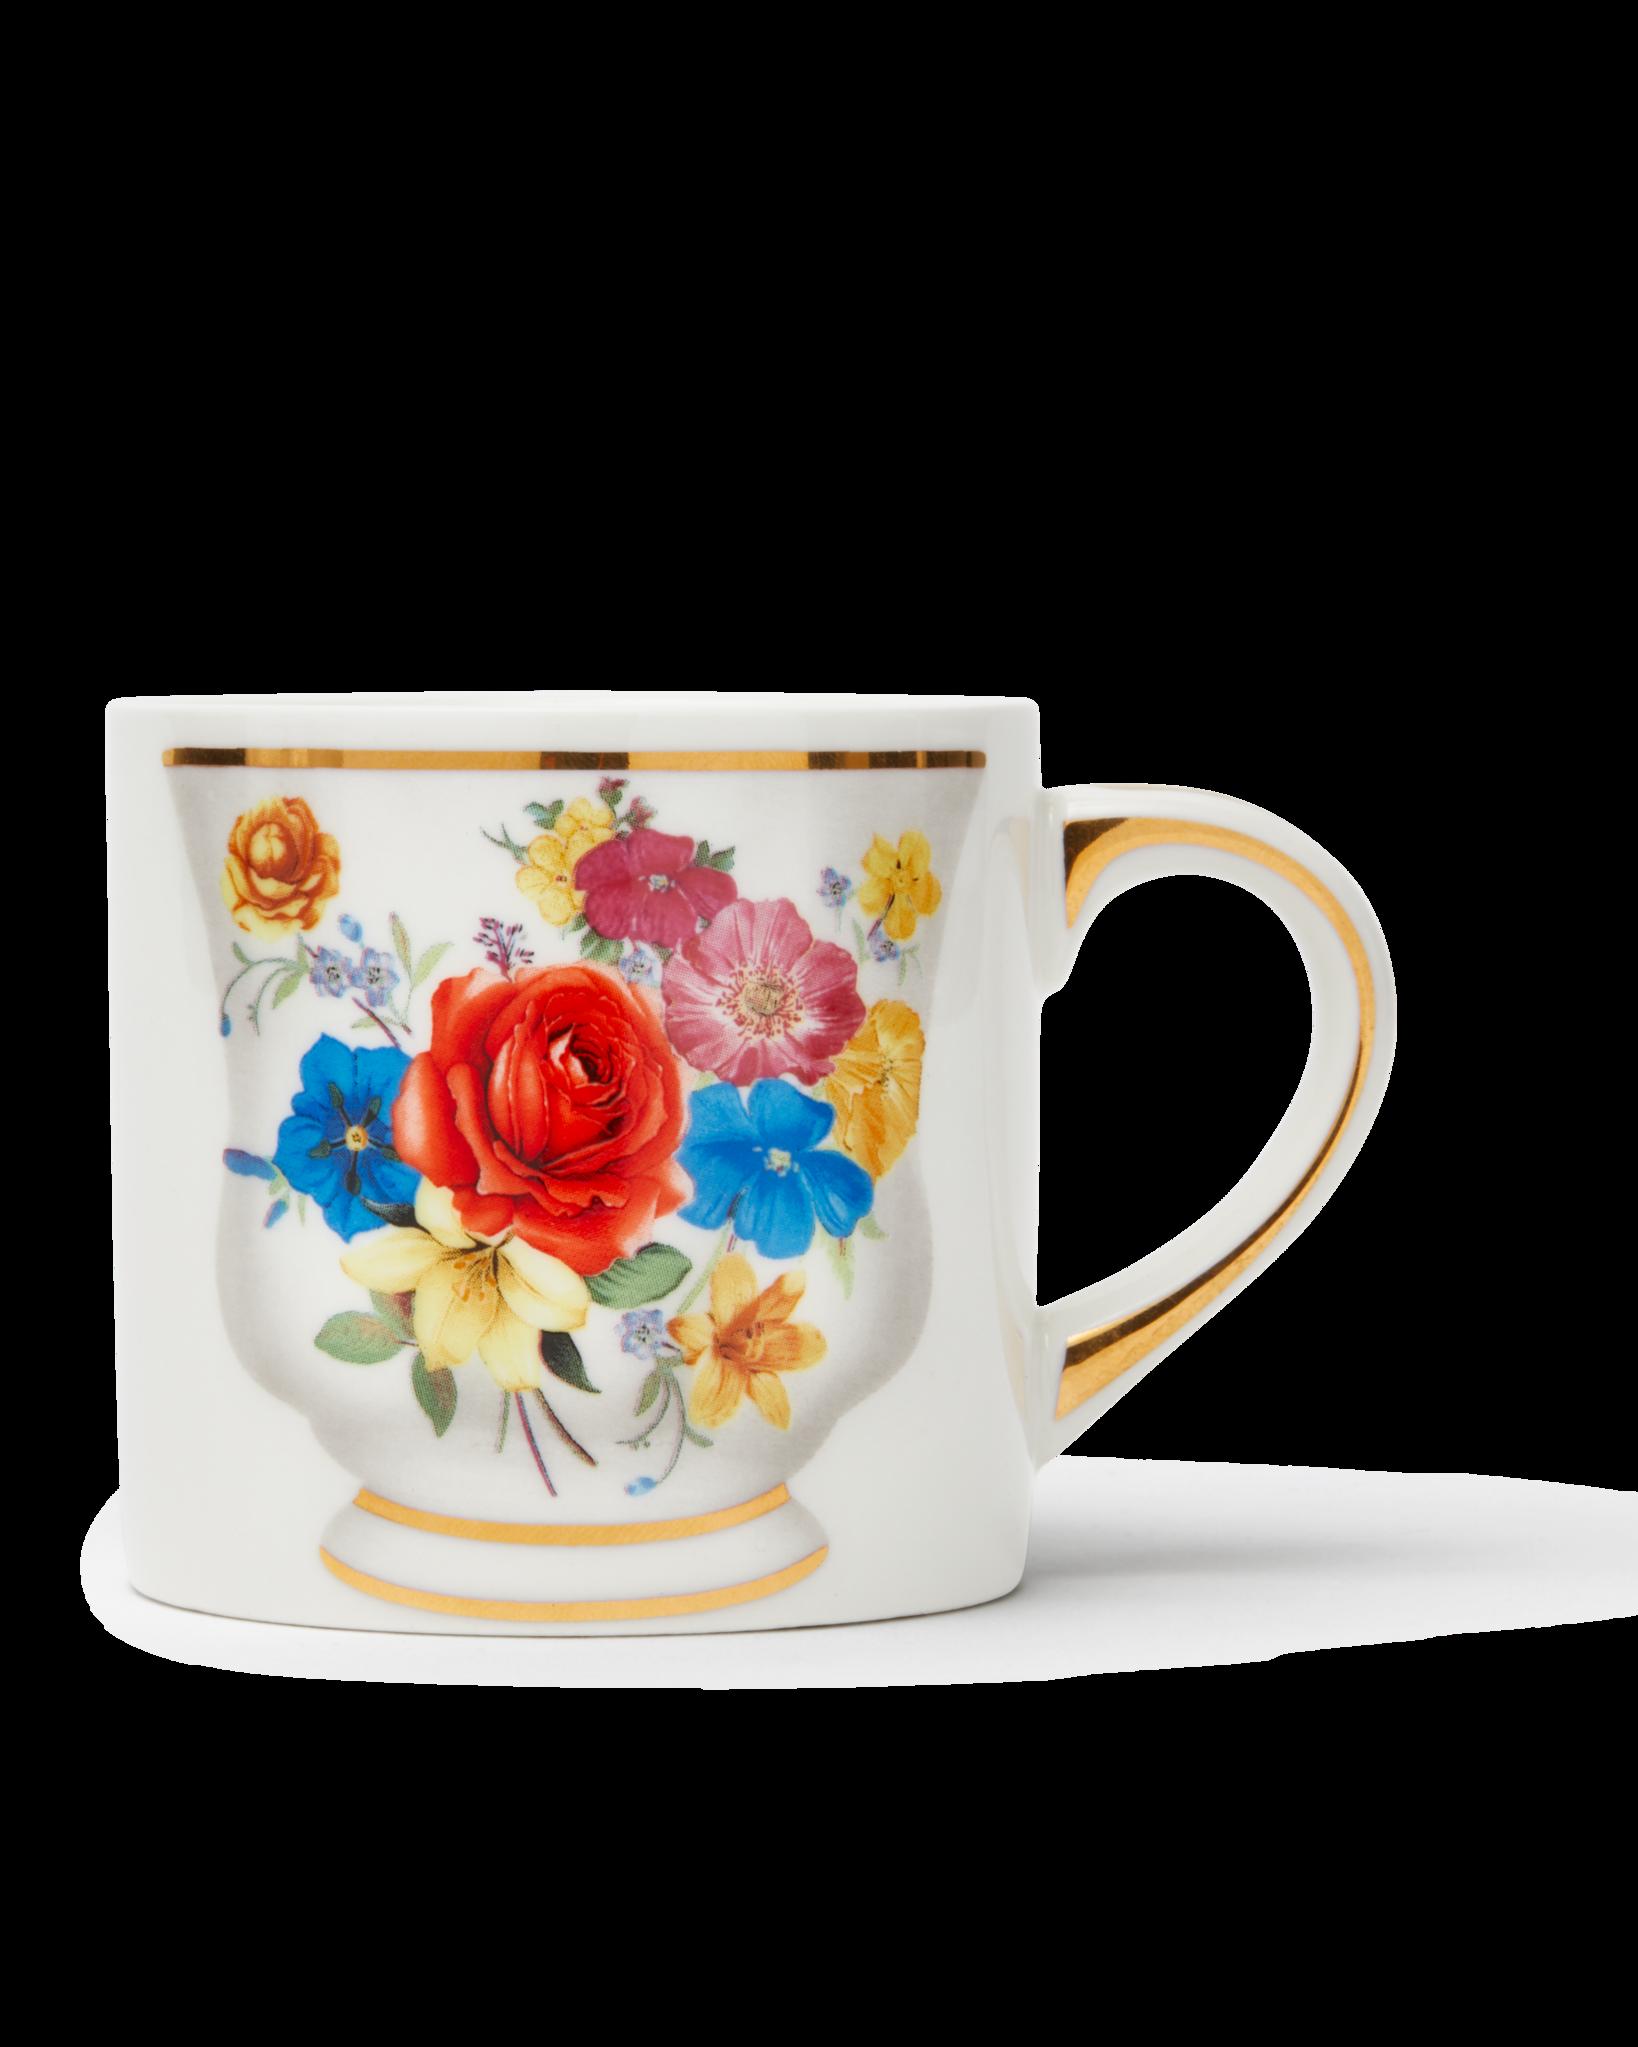 Pols Potten Pols Potten Mug Flower Stientje Veenstra